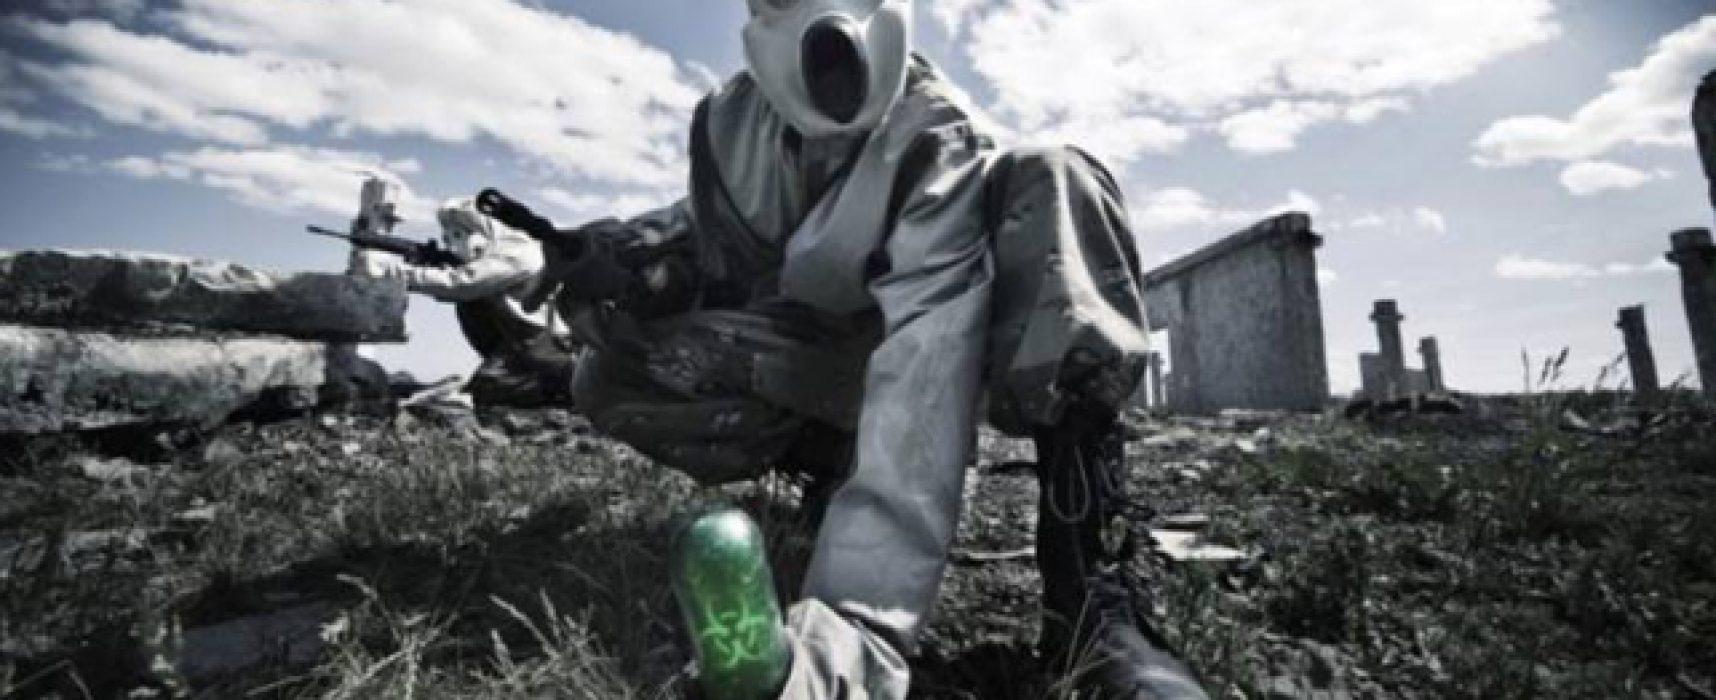 Як російські журналісти знімали репортаж про хімічну зброю в Україні та Грузії